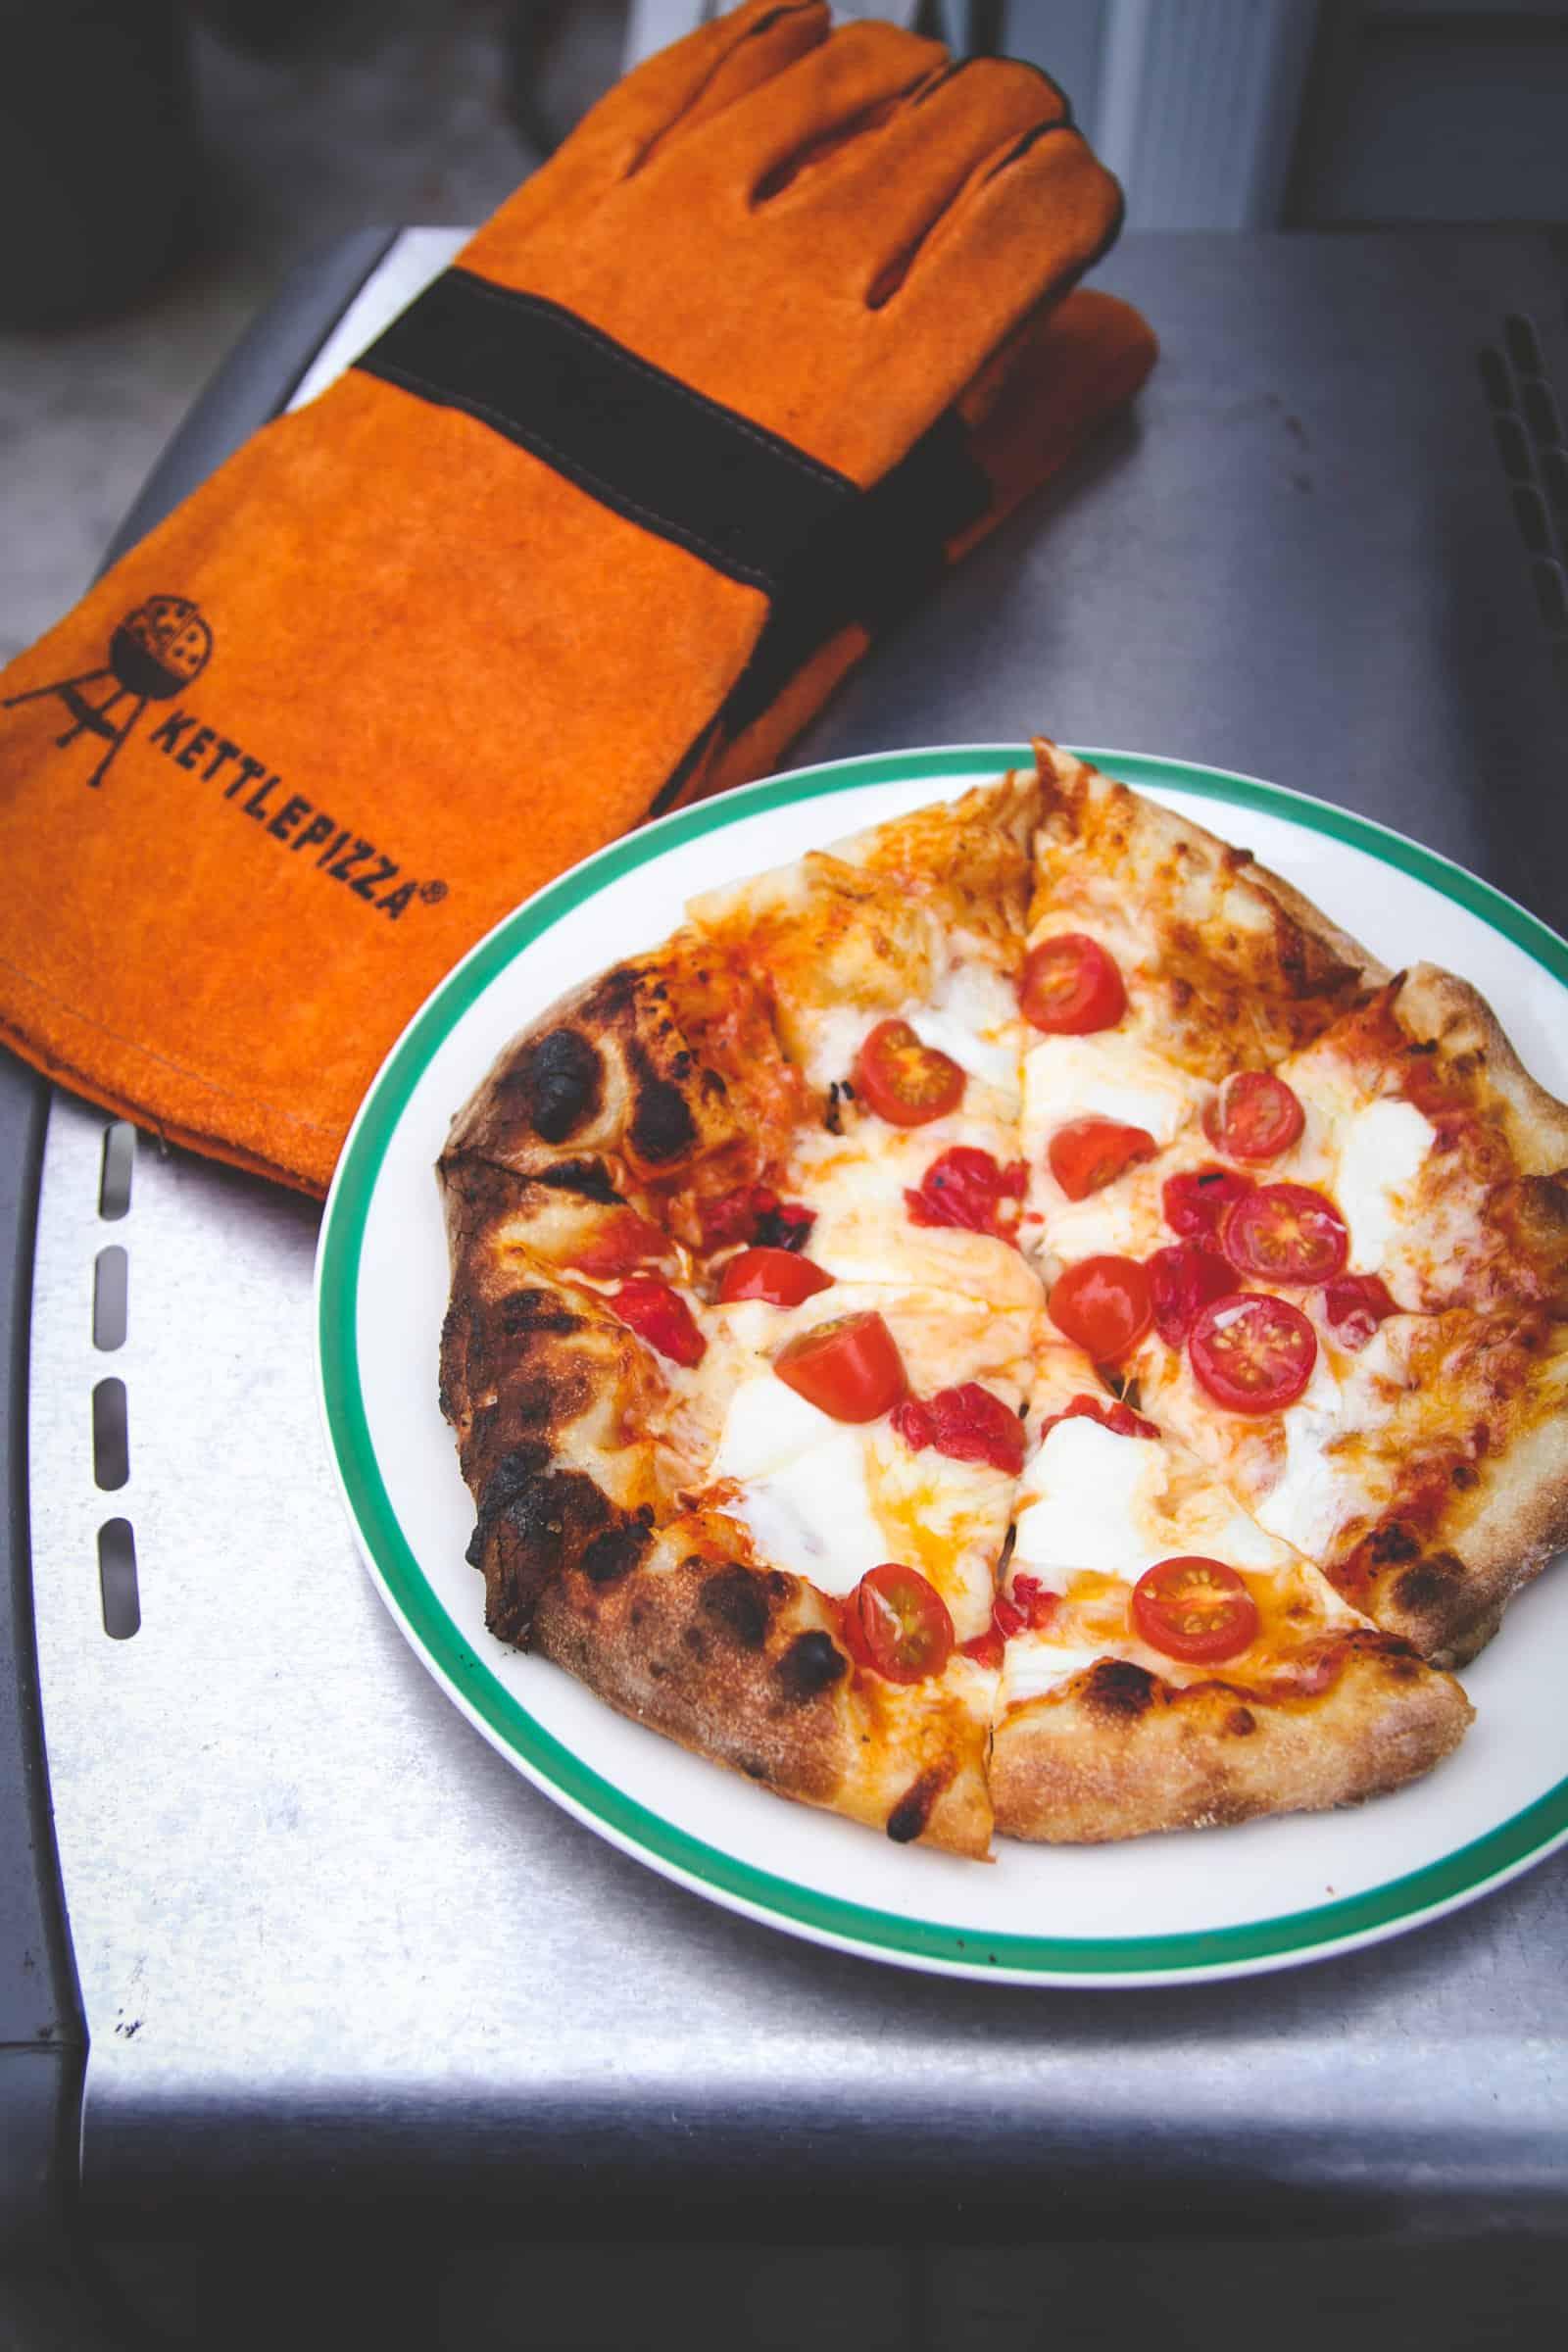 The most delicious tomato mozzarella pizza cooked on the grill